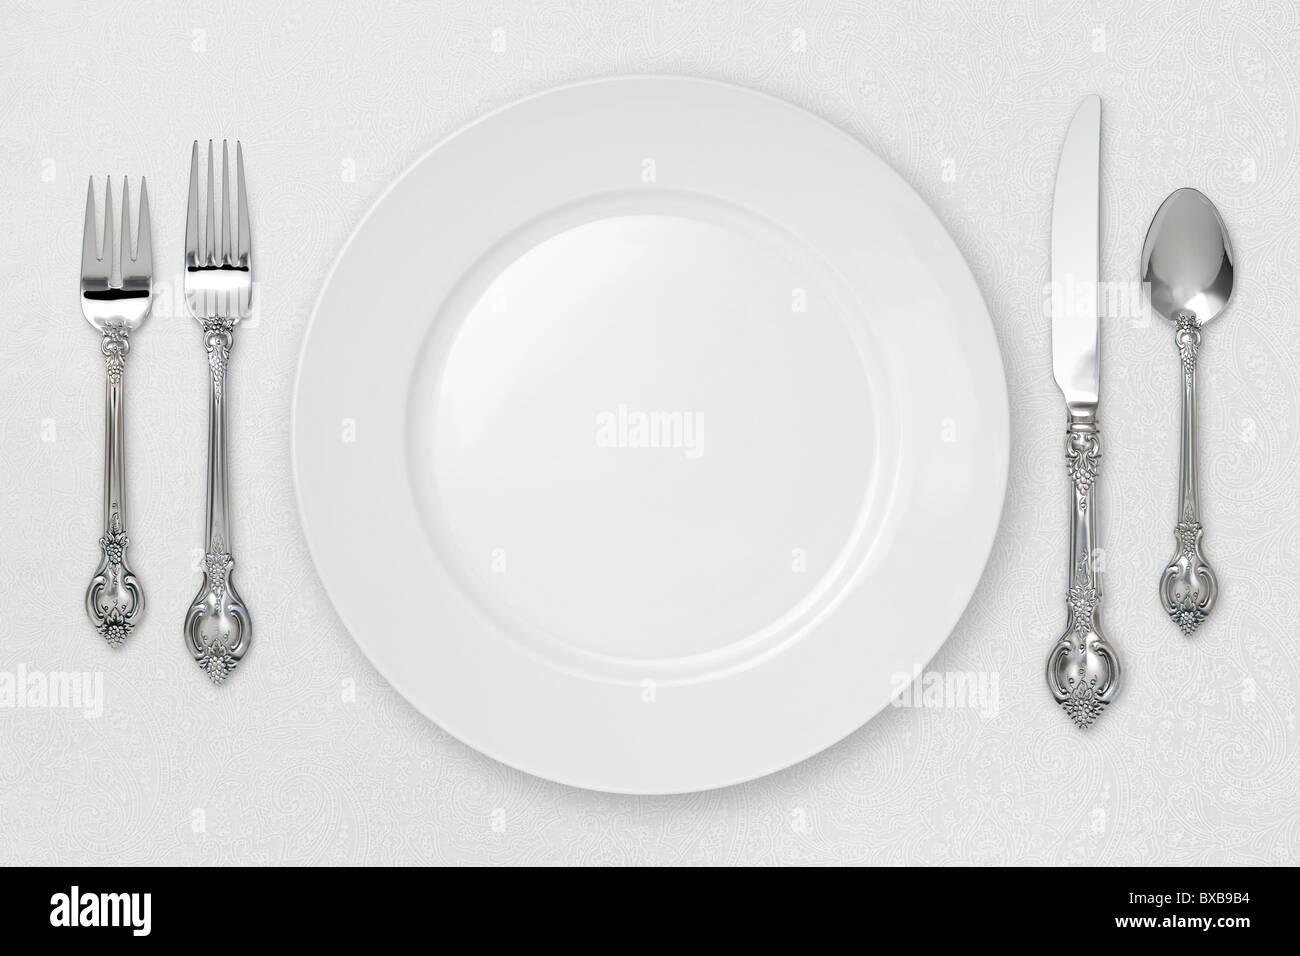 Weiß Gedeck auf Tischdecke. Stockbild